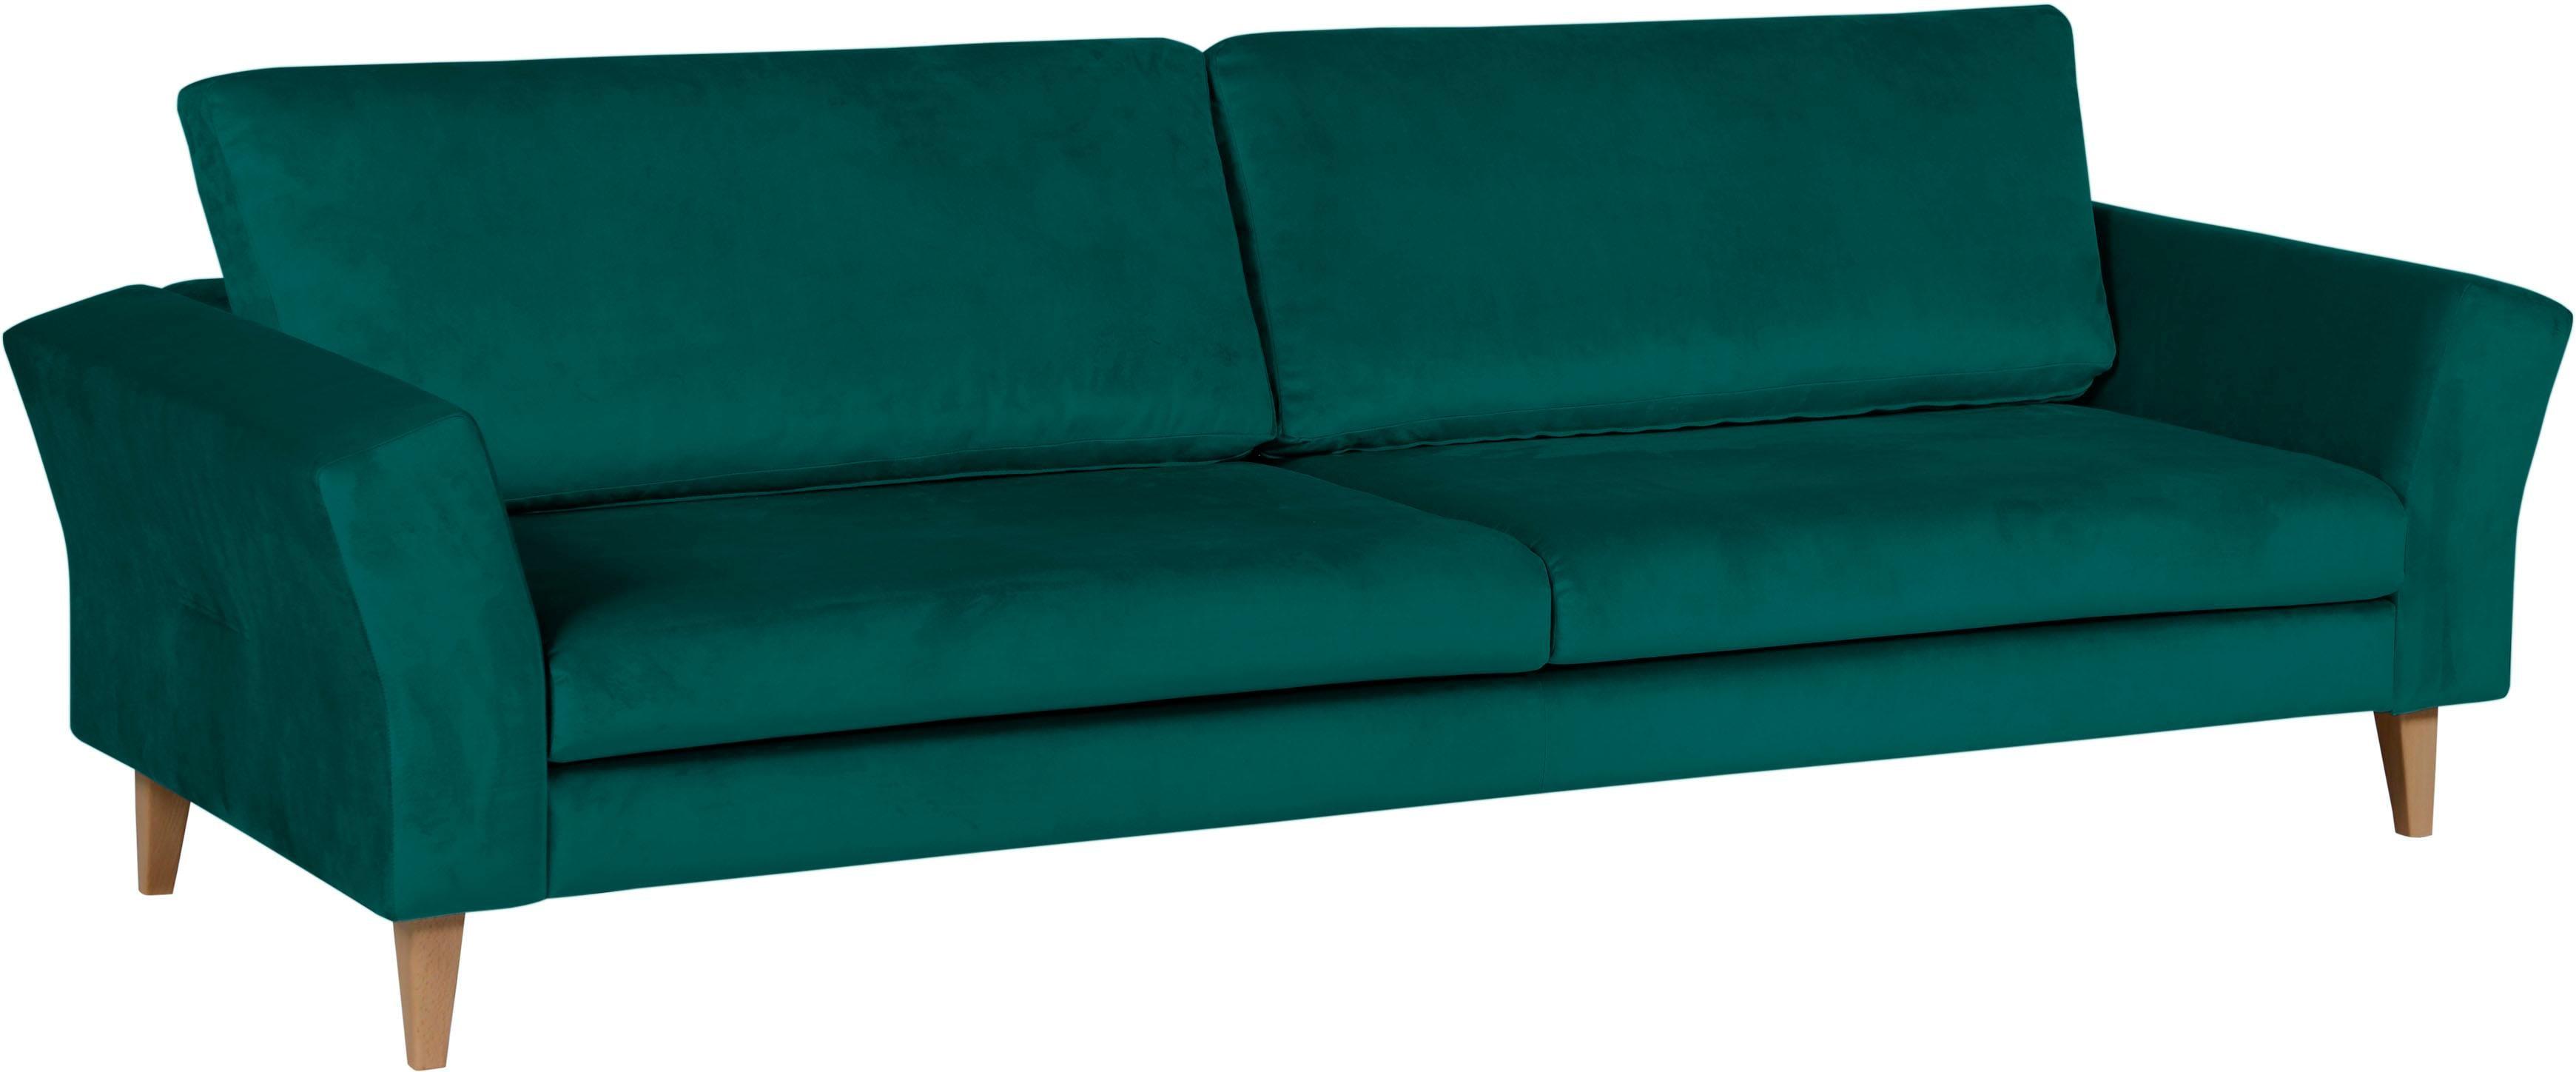 Alte Gerberei 3-Sitzer Sofa »Tibald« mit geschwungenen Armlehnen